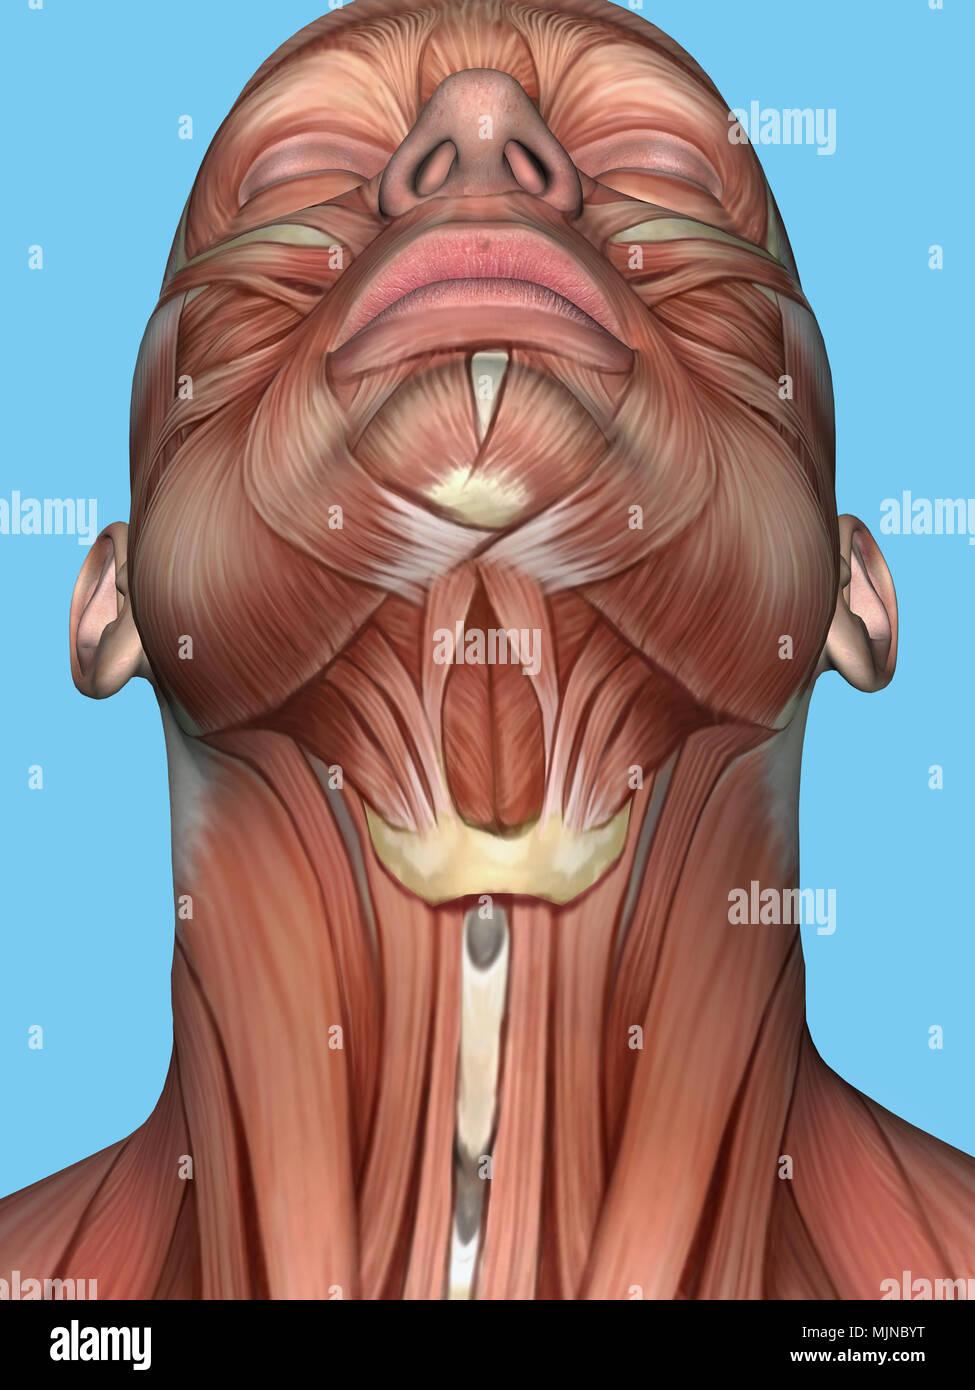 Anatomía de la cara y el cuello en el músculo. Imagen De Stock